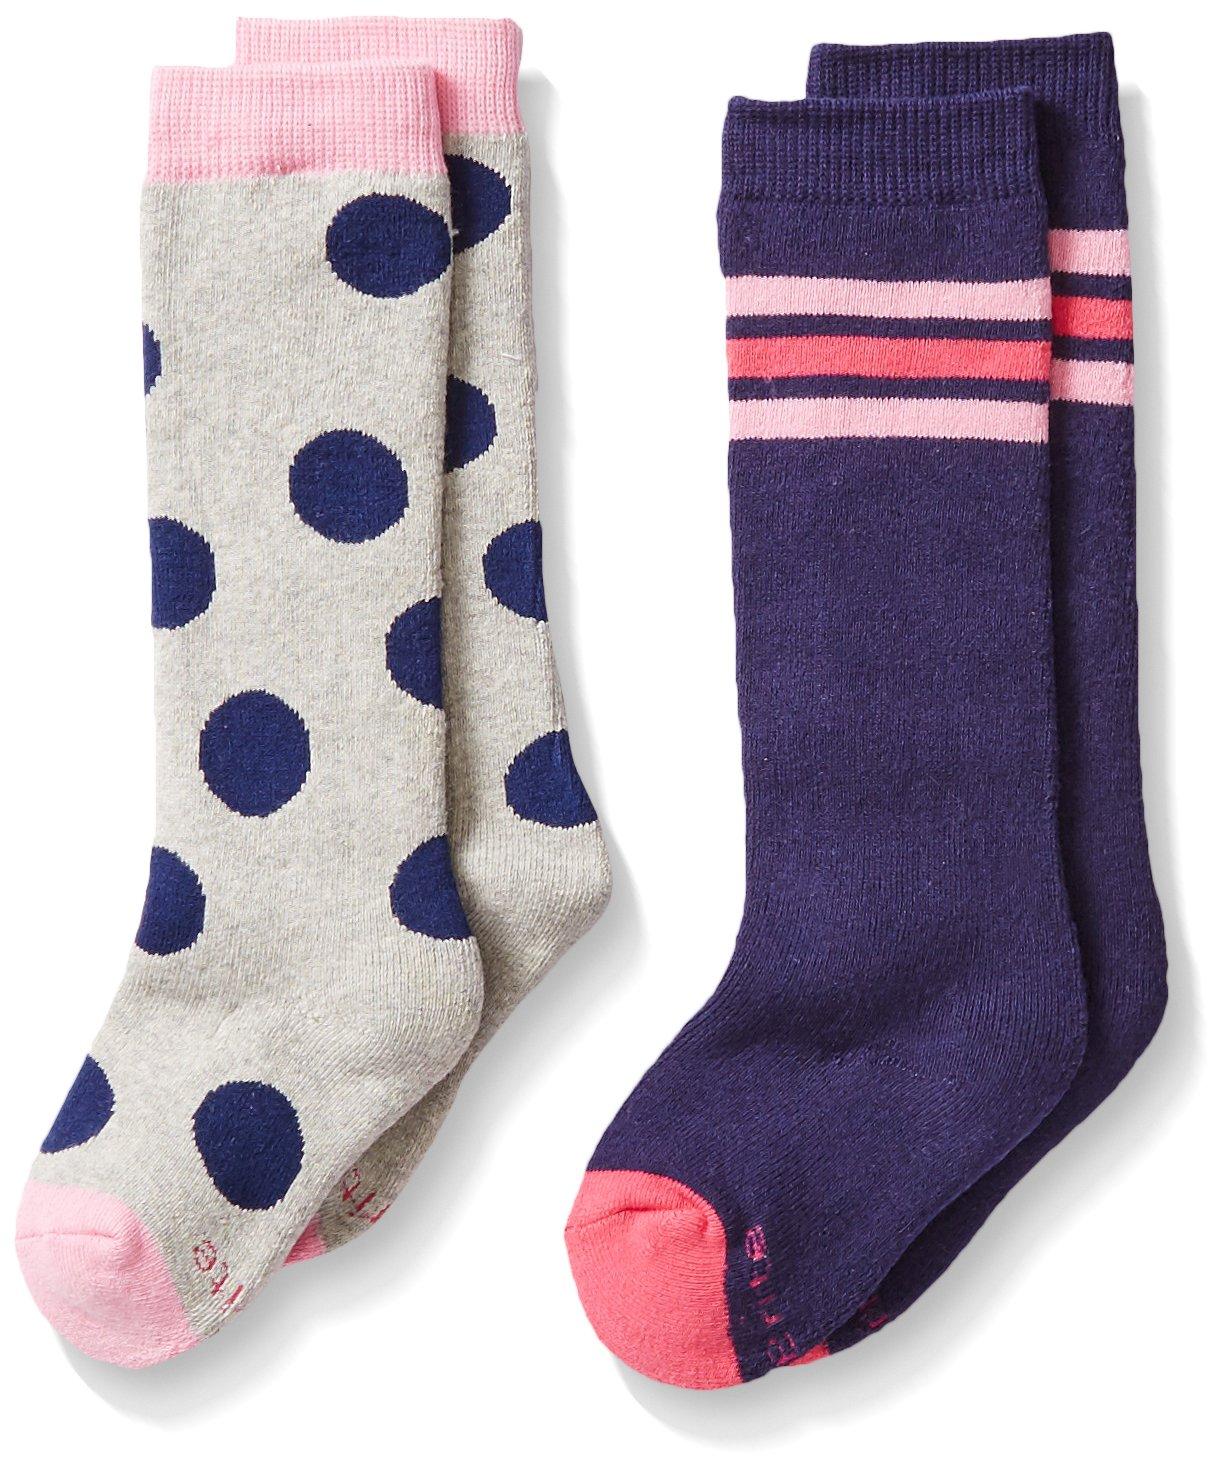 Stride Rite Little Girls 2 Pack Dot Knee High Boot Sock, Grey, 5-6.5